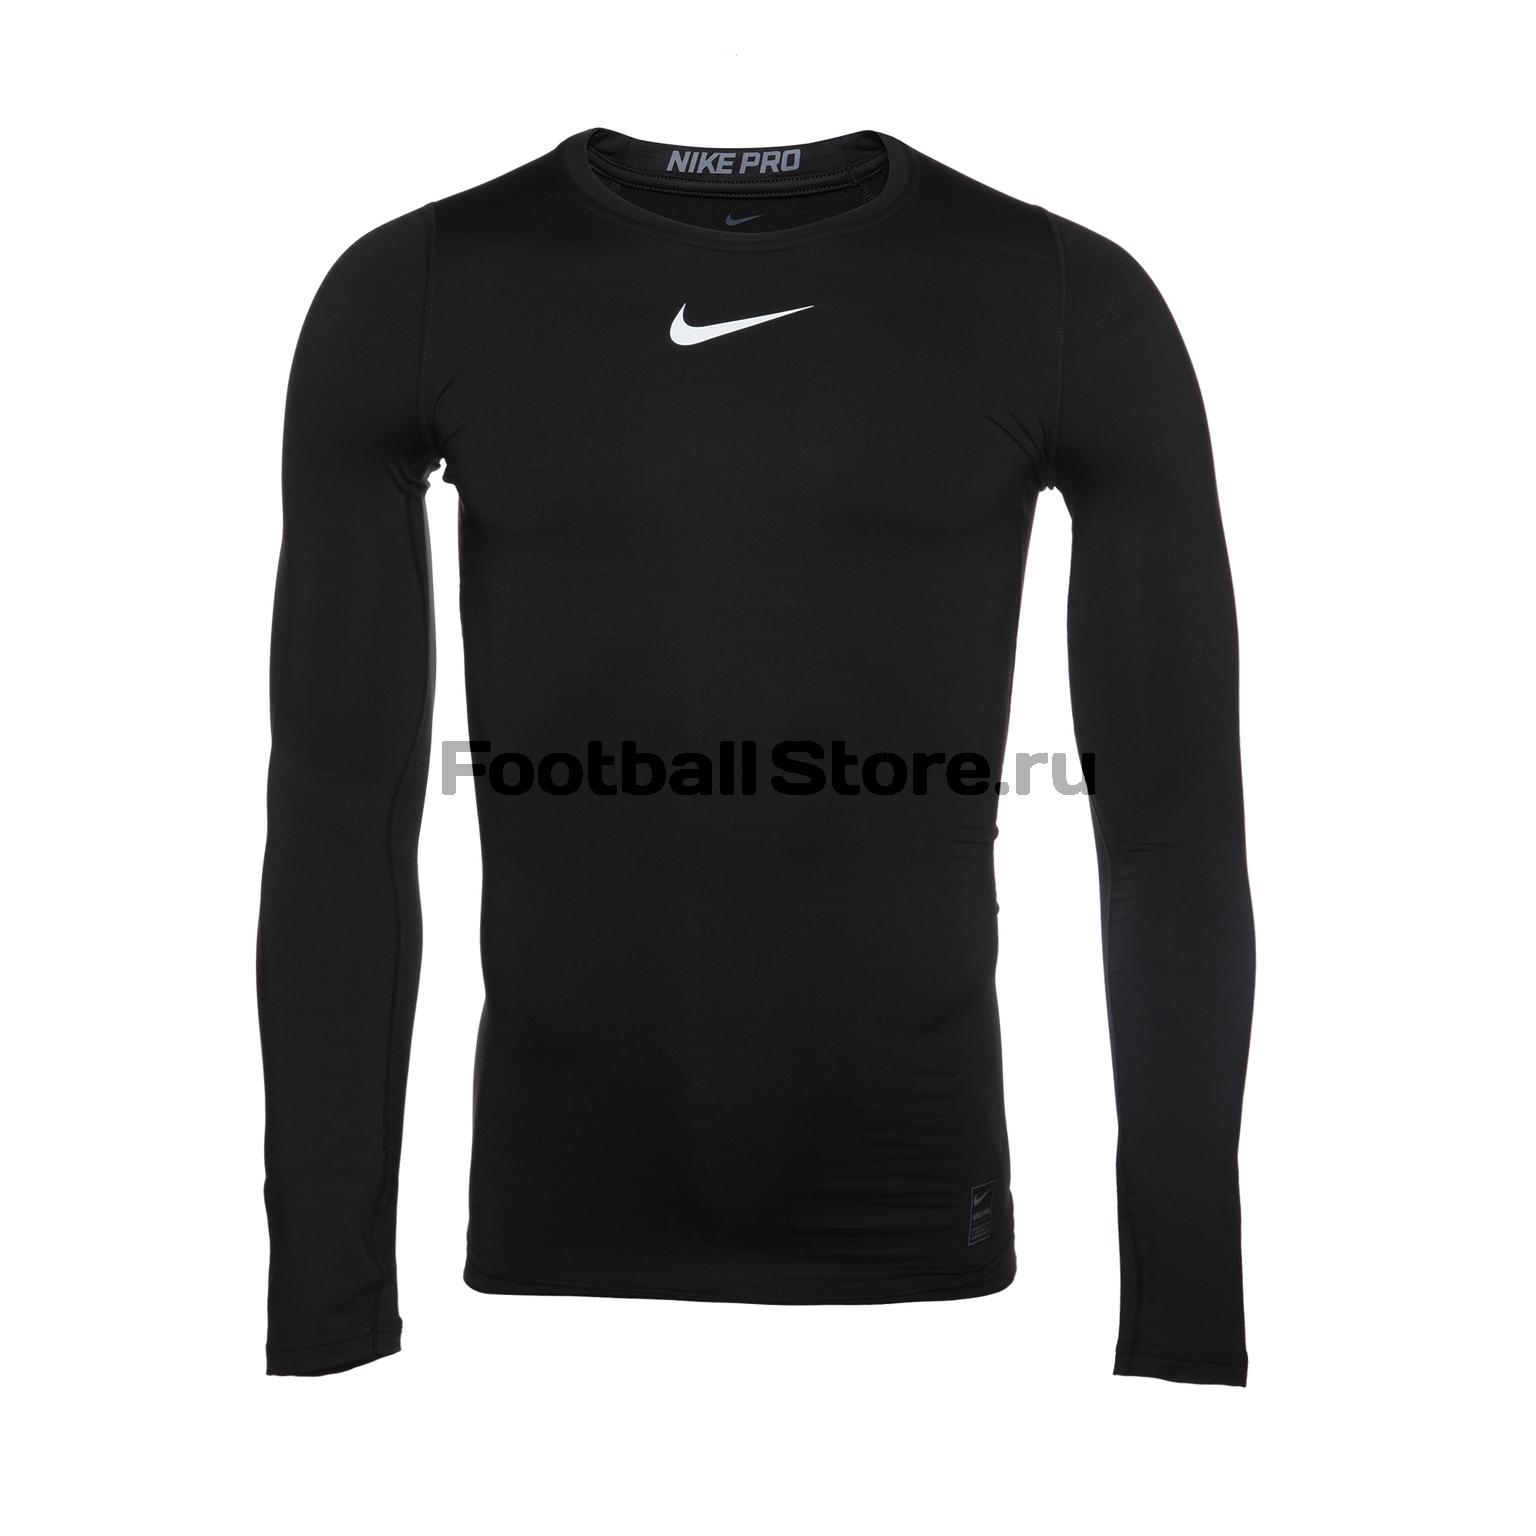 Белье футболка Nike Warm Comp 838044-010 2xu fliserma1982a компрессионная мужская